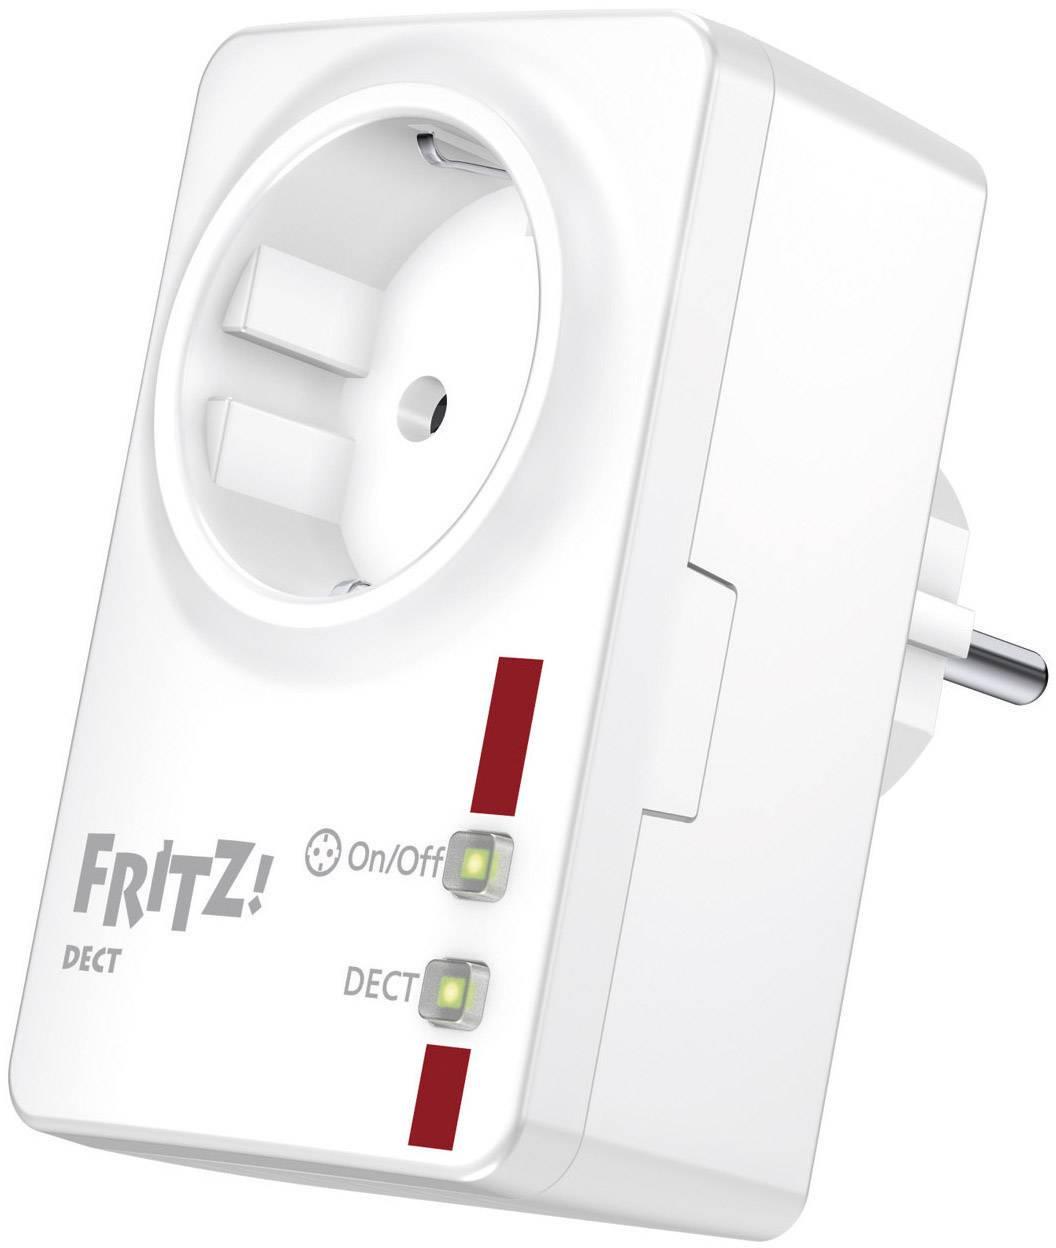 Inteligentná bezdrôtová spínacia a meracia zásuvka a merač spotreby AVM FRITZ!DECT 200, 20002572